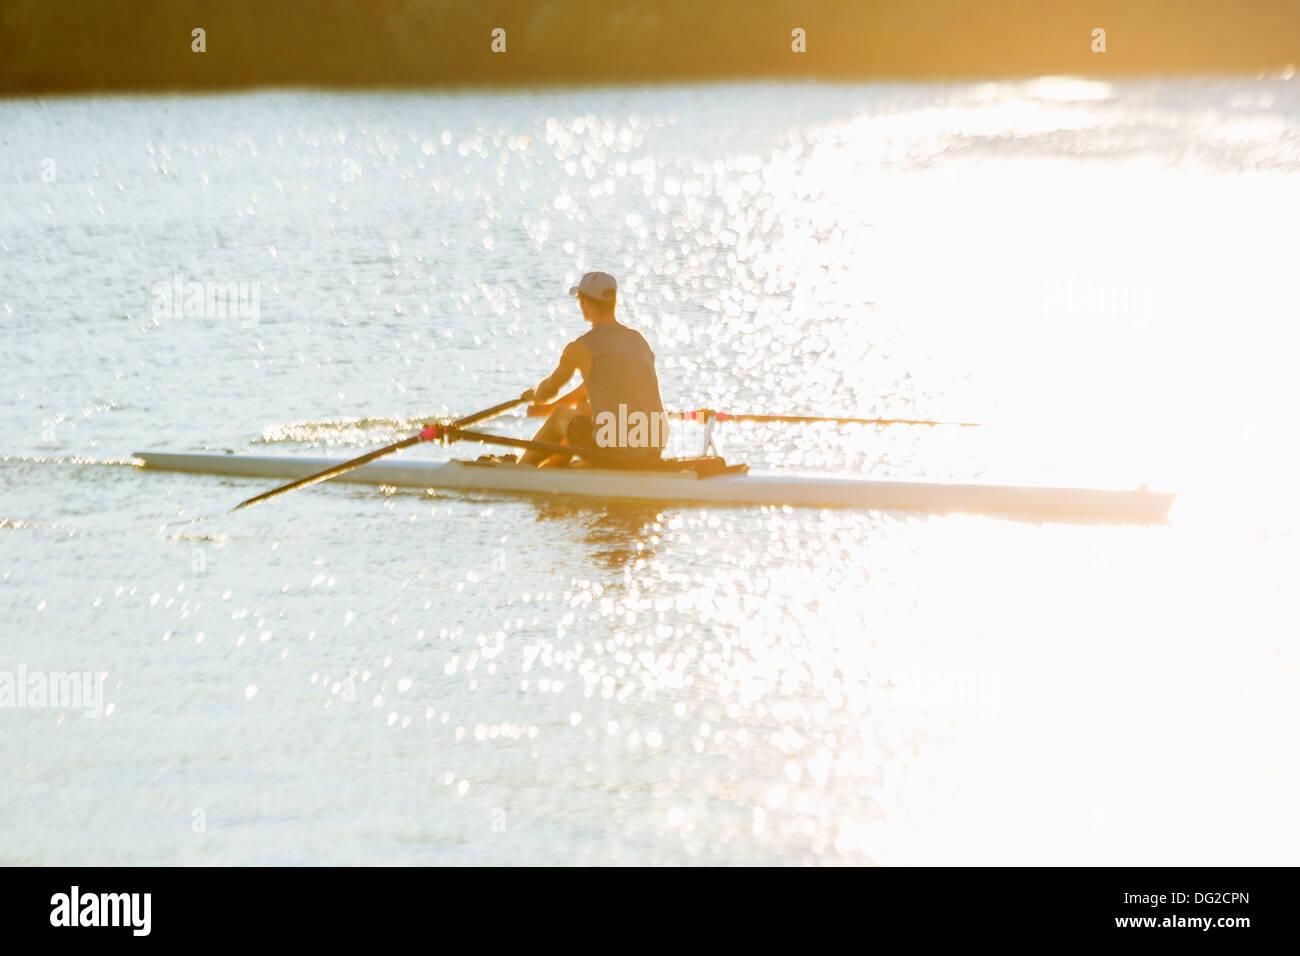 Ontario,Canadá,Saint Catharines, Royal Henley Regatta, singles remo Imagen De Stock